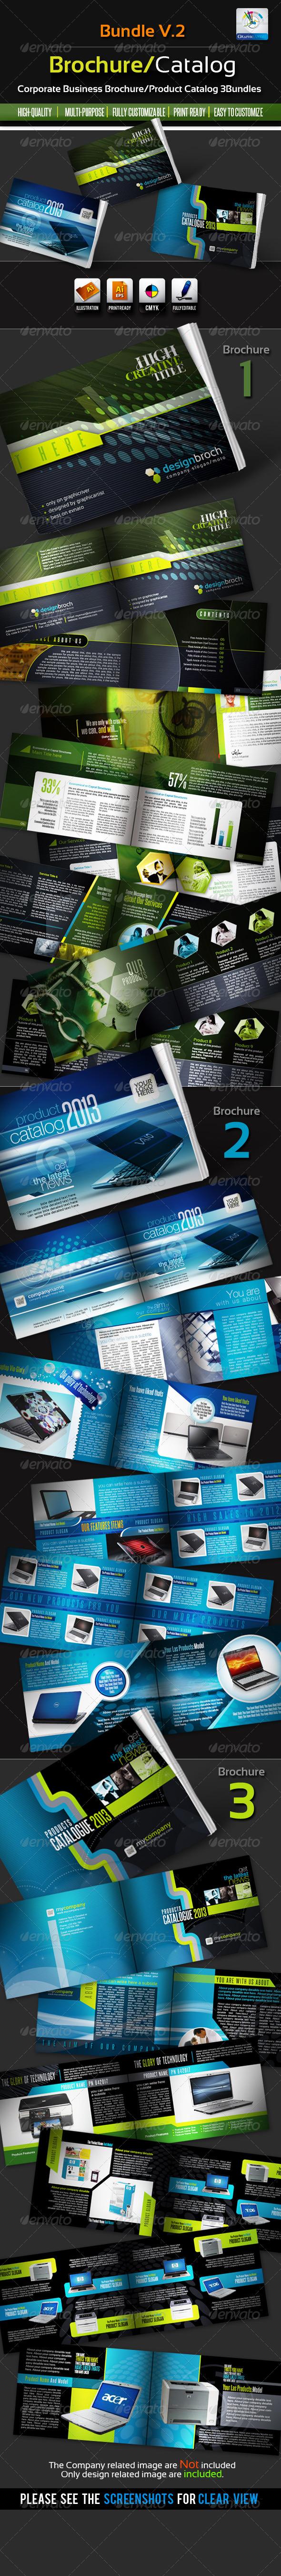 GraphicRiver Corporate Brochure Catalogue Bundles v.2 2615737